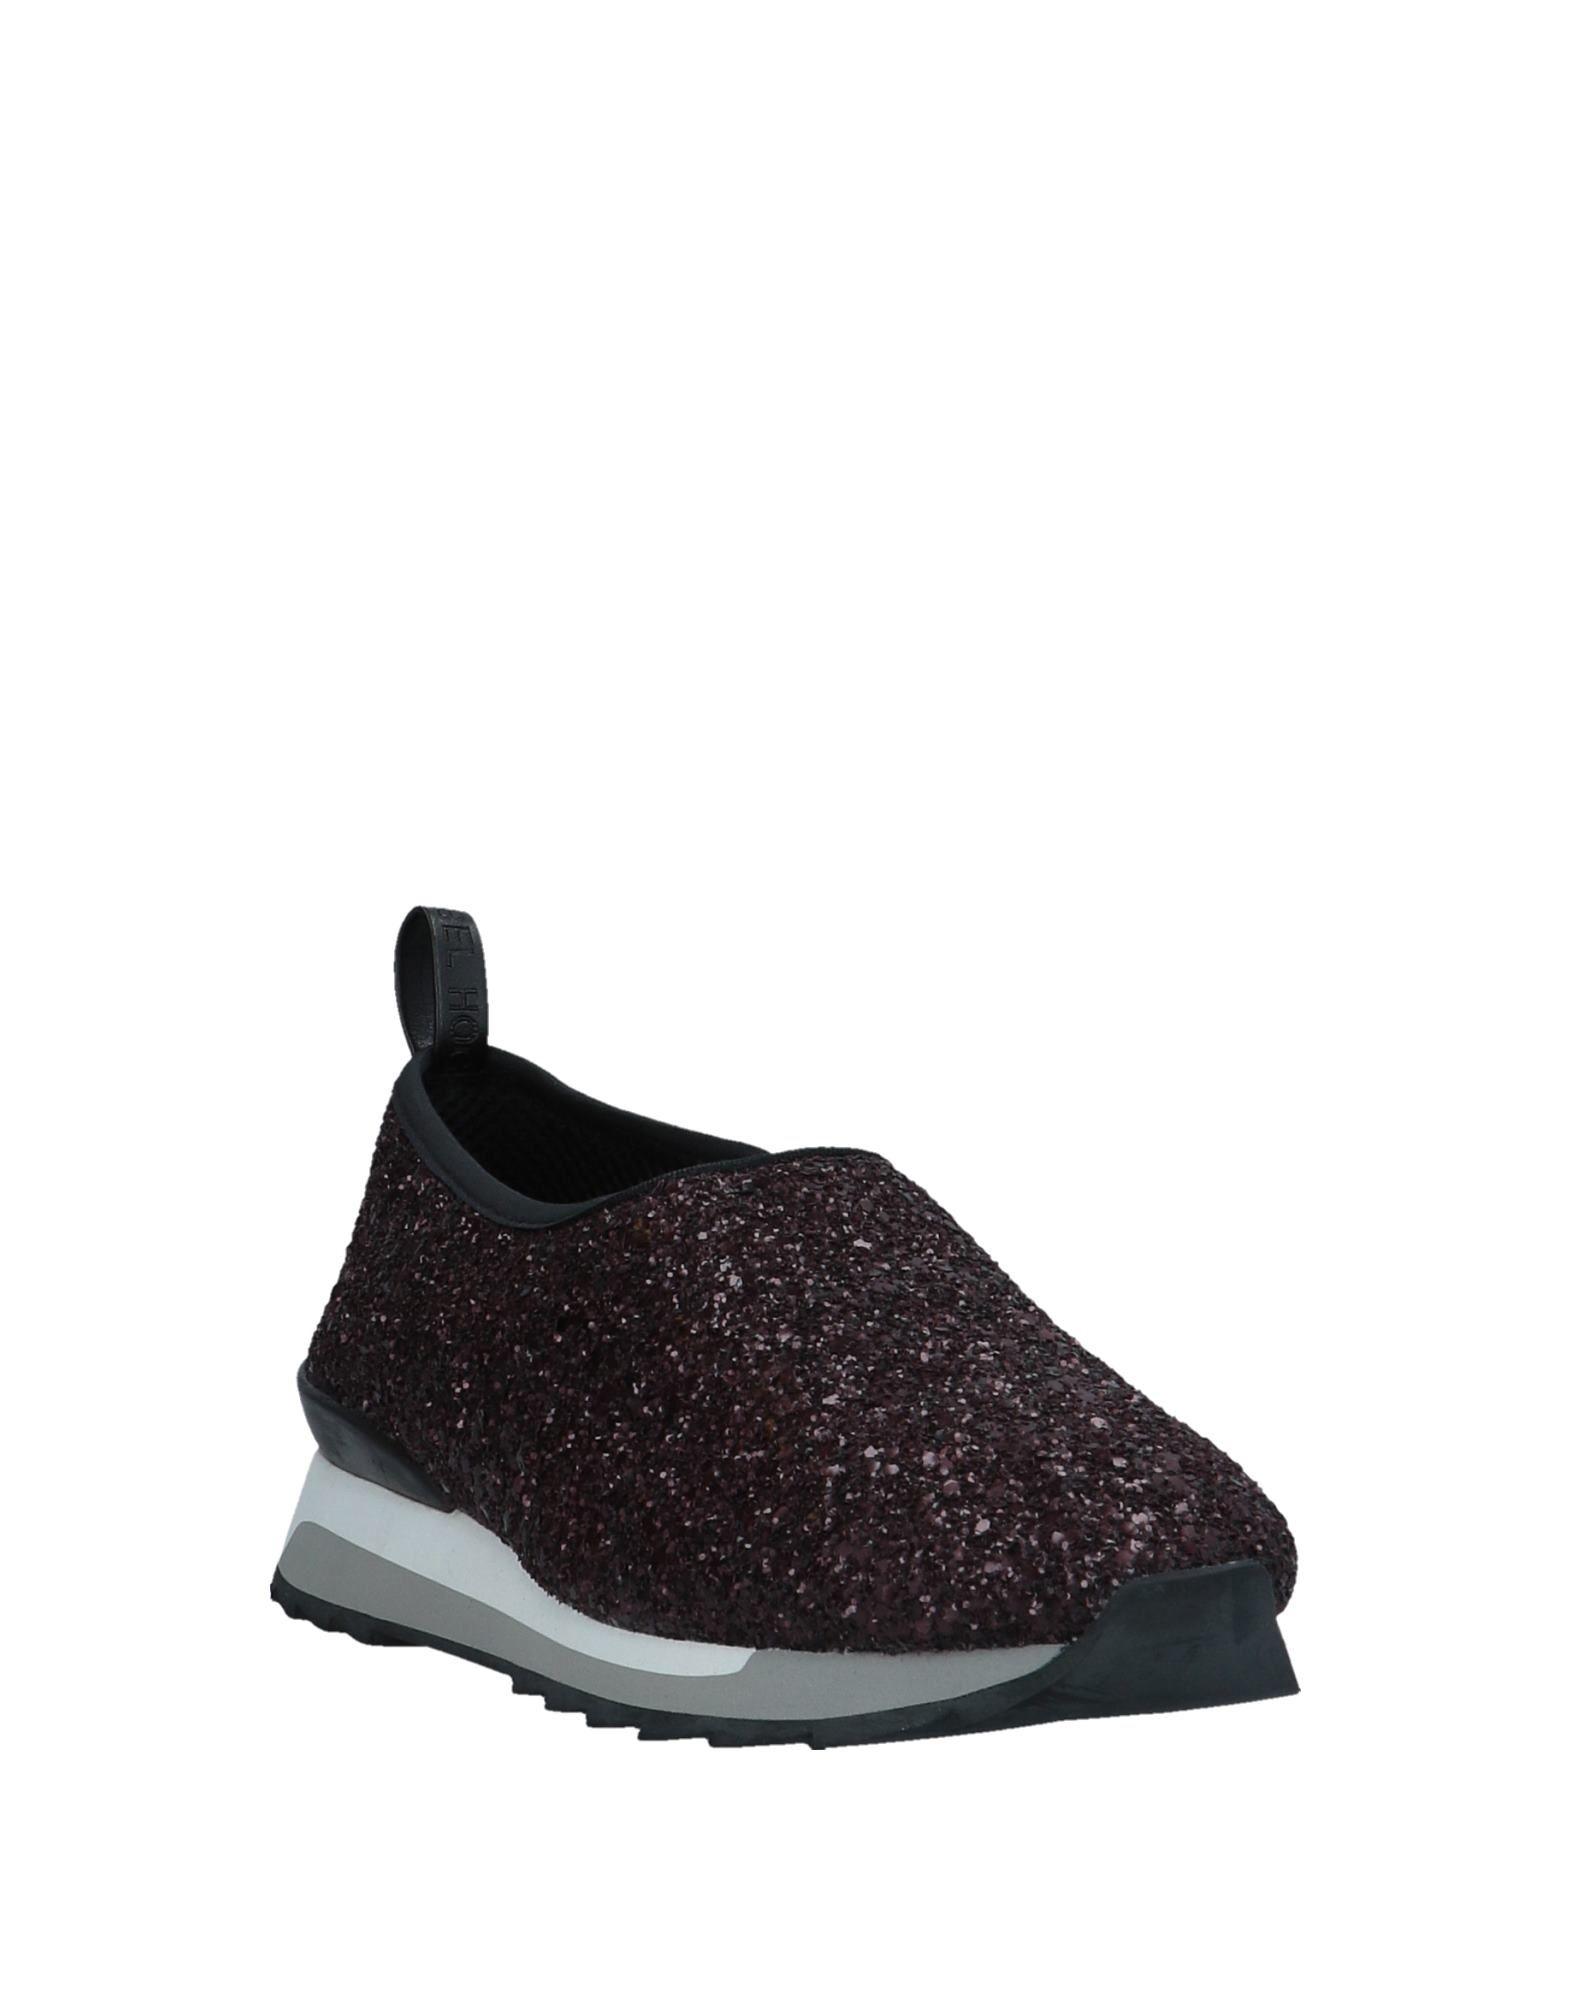 Hogan Damen Rebel Sneakers Damen Hogan  11539980KO Neue Schuhe 8a5150